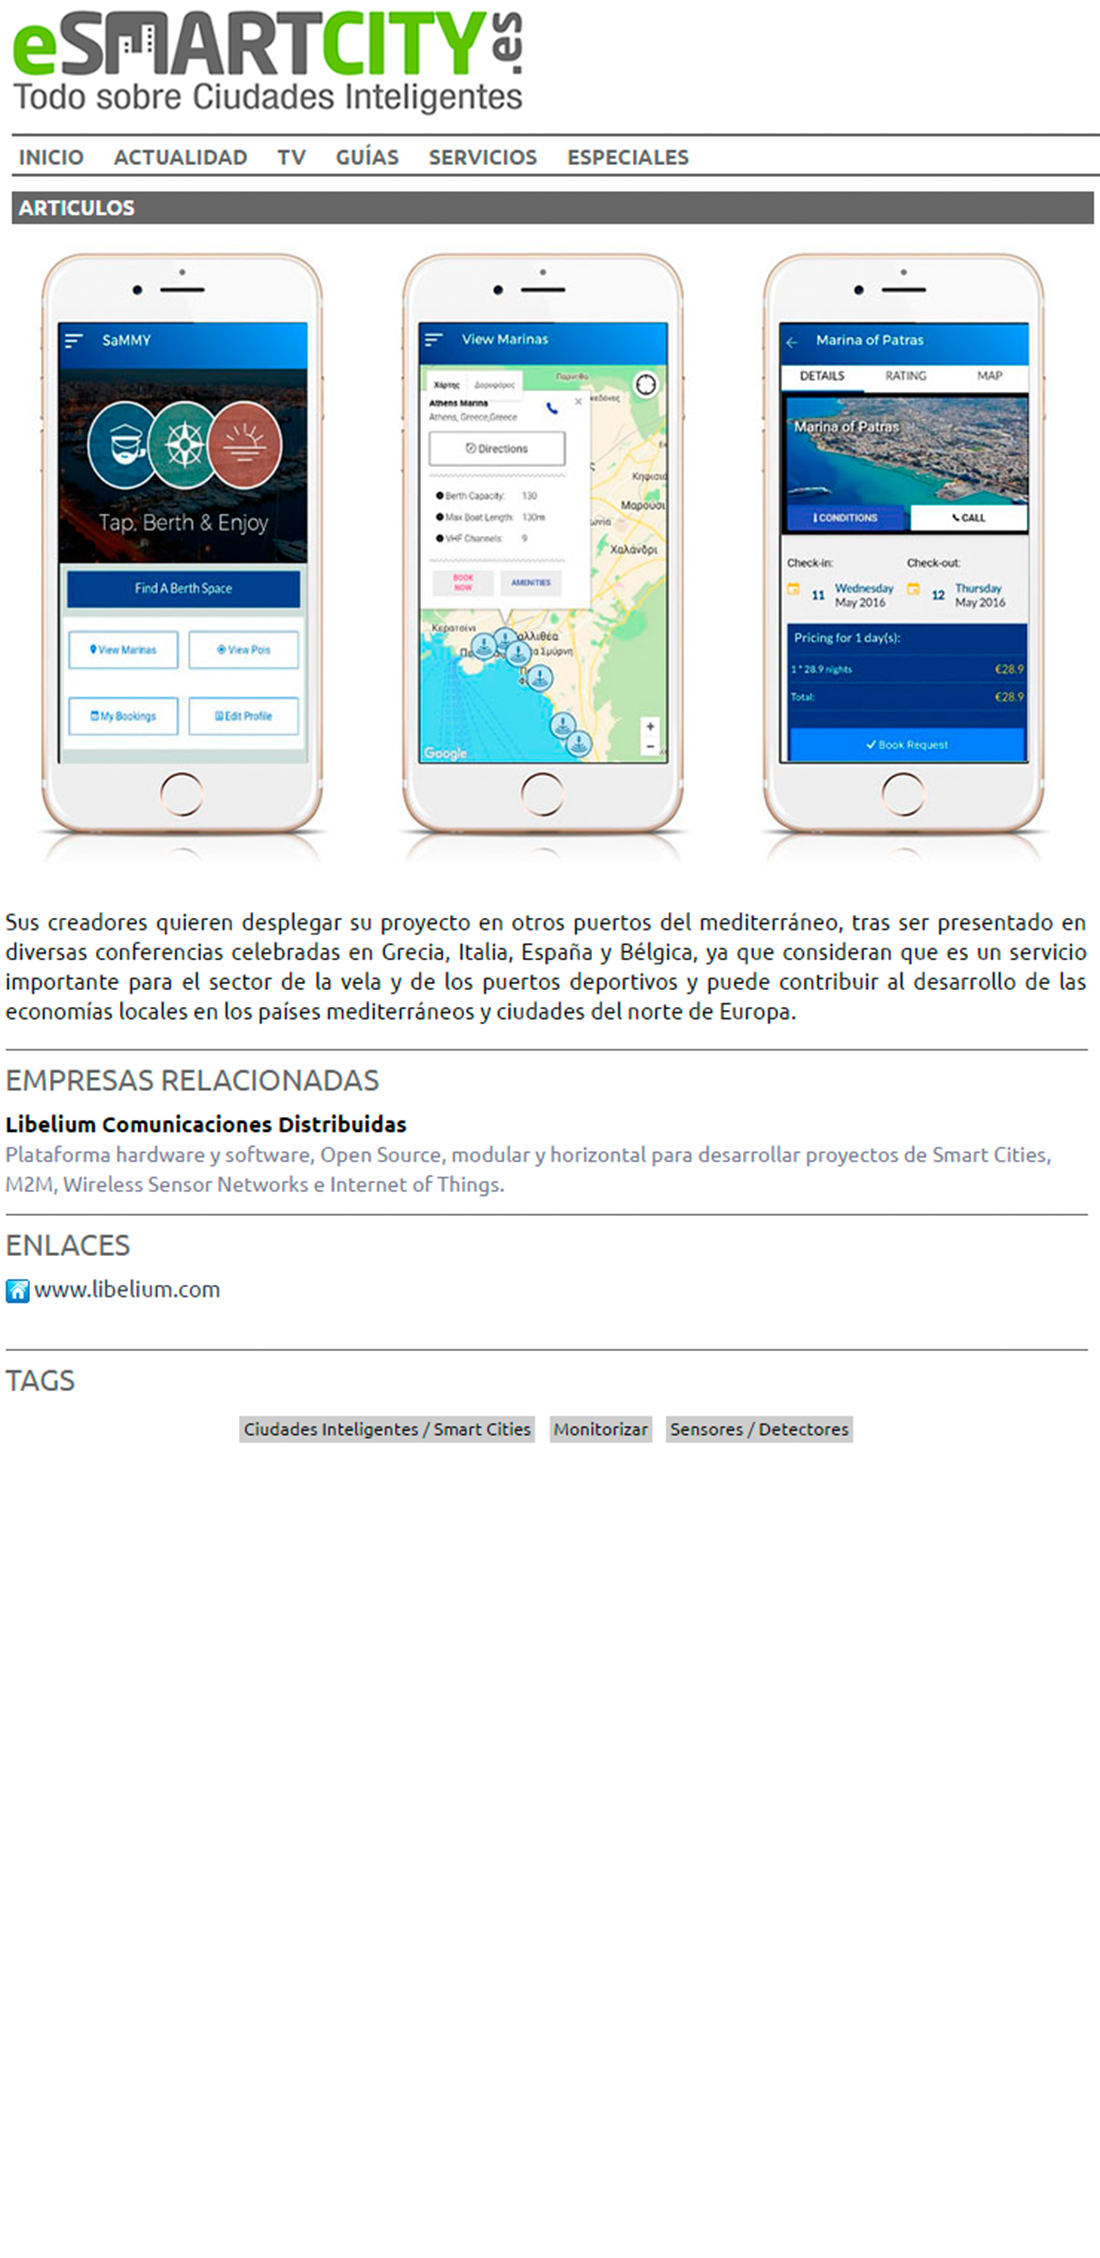 Esmartcity.es – Una red inalámbrica de nodos para monitorizar la Marina de Patras